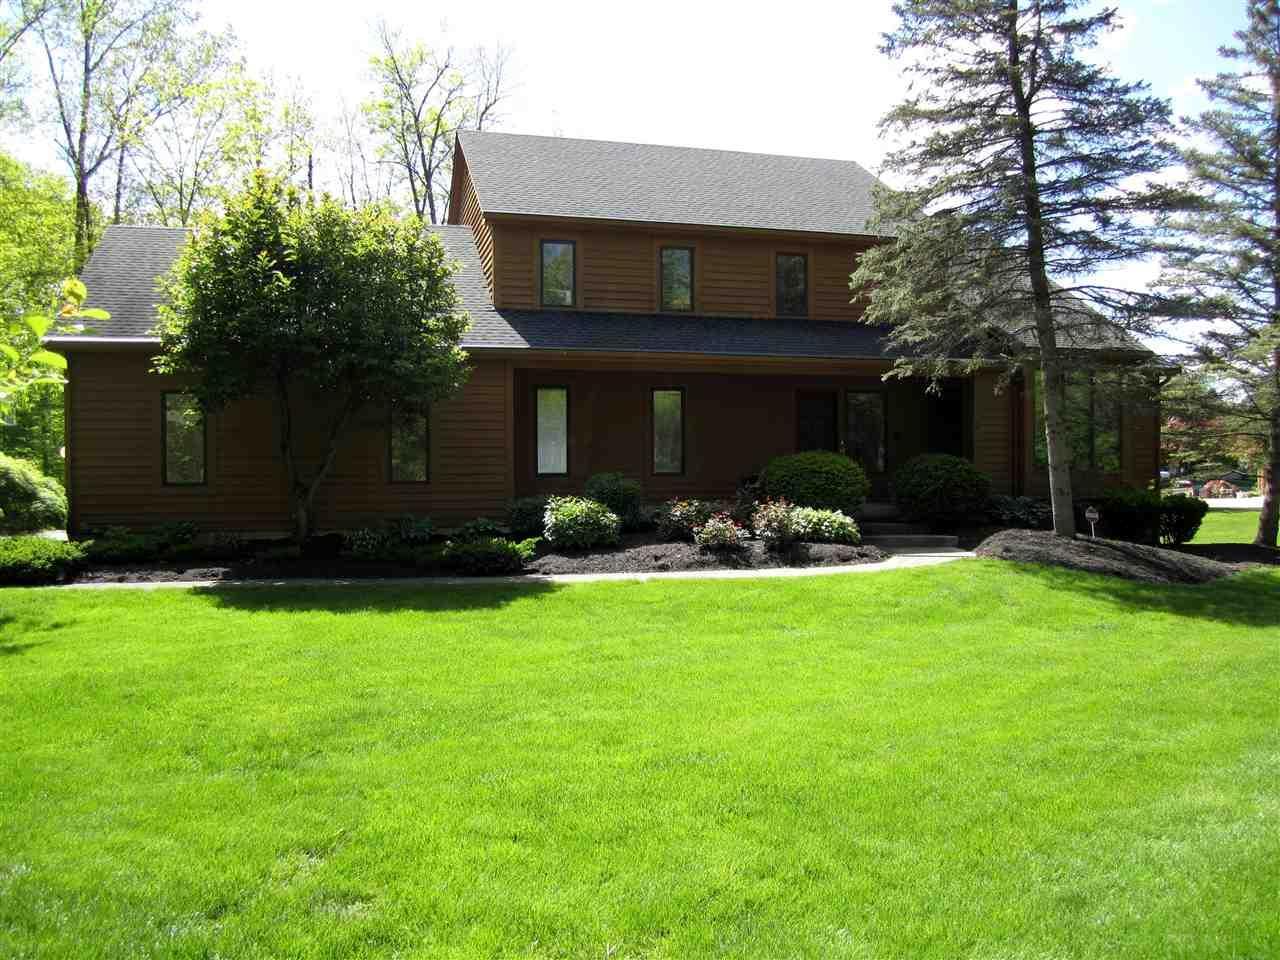 12213 Wood Glen Dr., Fort Wayne, IN 46814